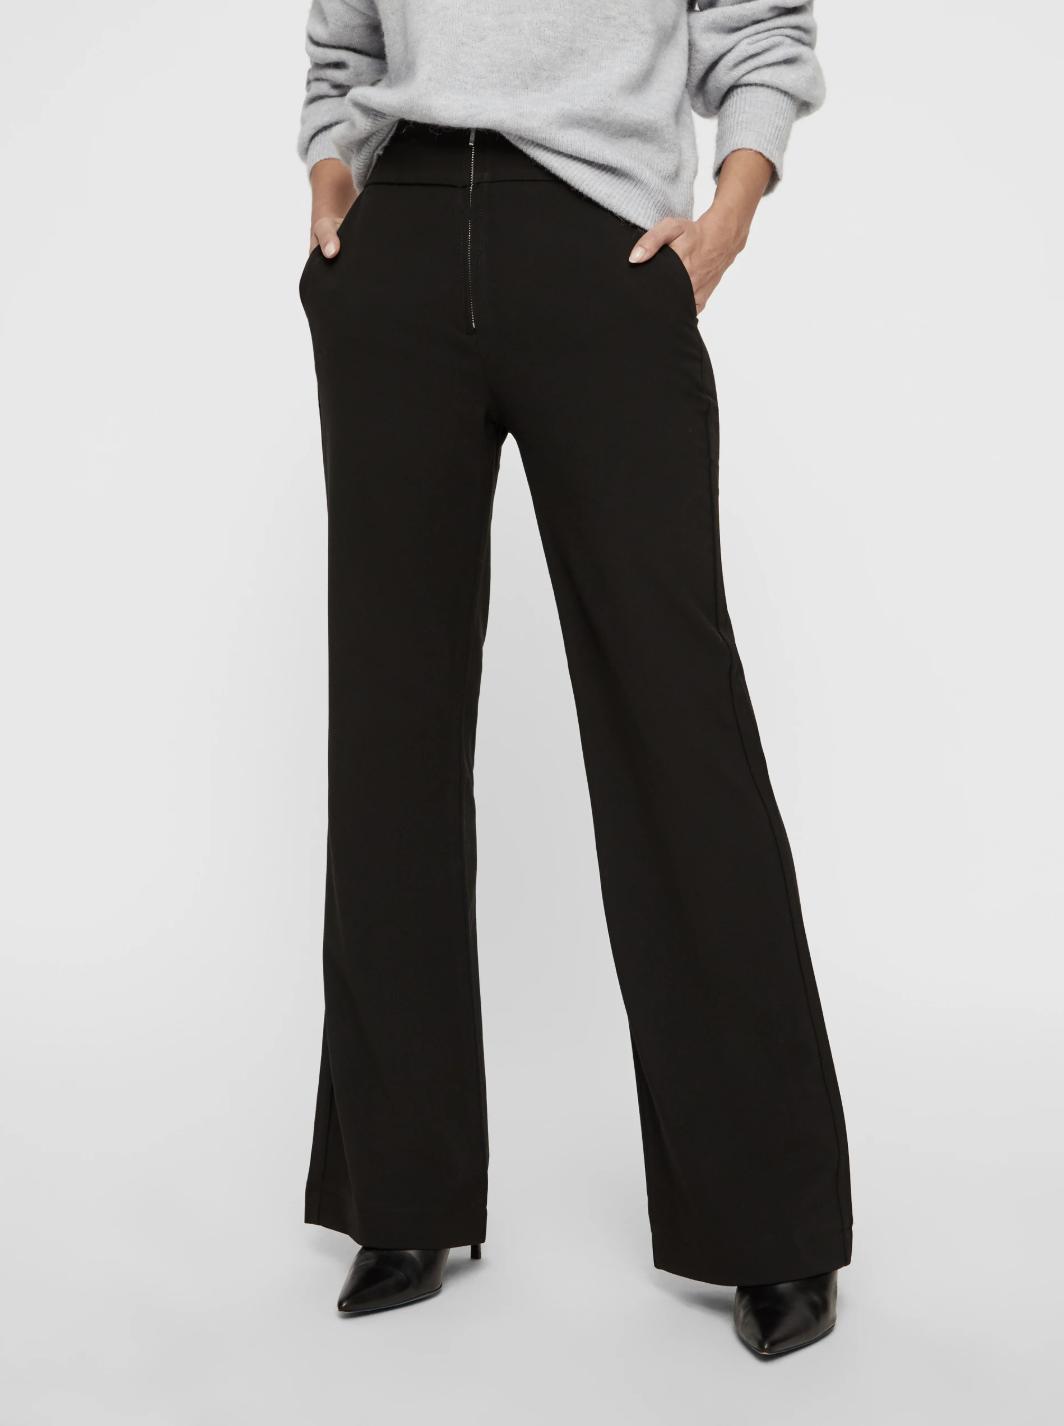 Vide jeans: Vårtrend 2019 | Vårmote 2019: Jeans med vide bein